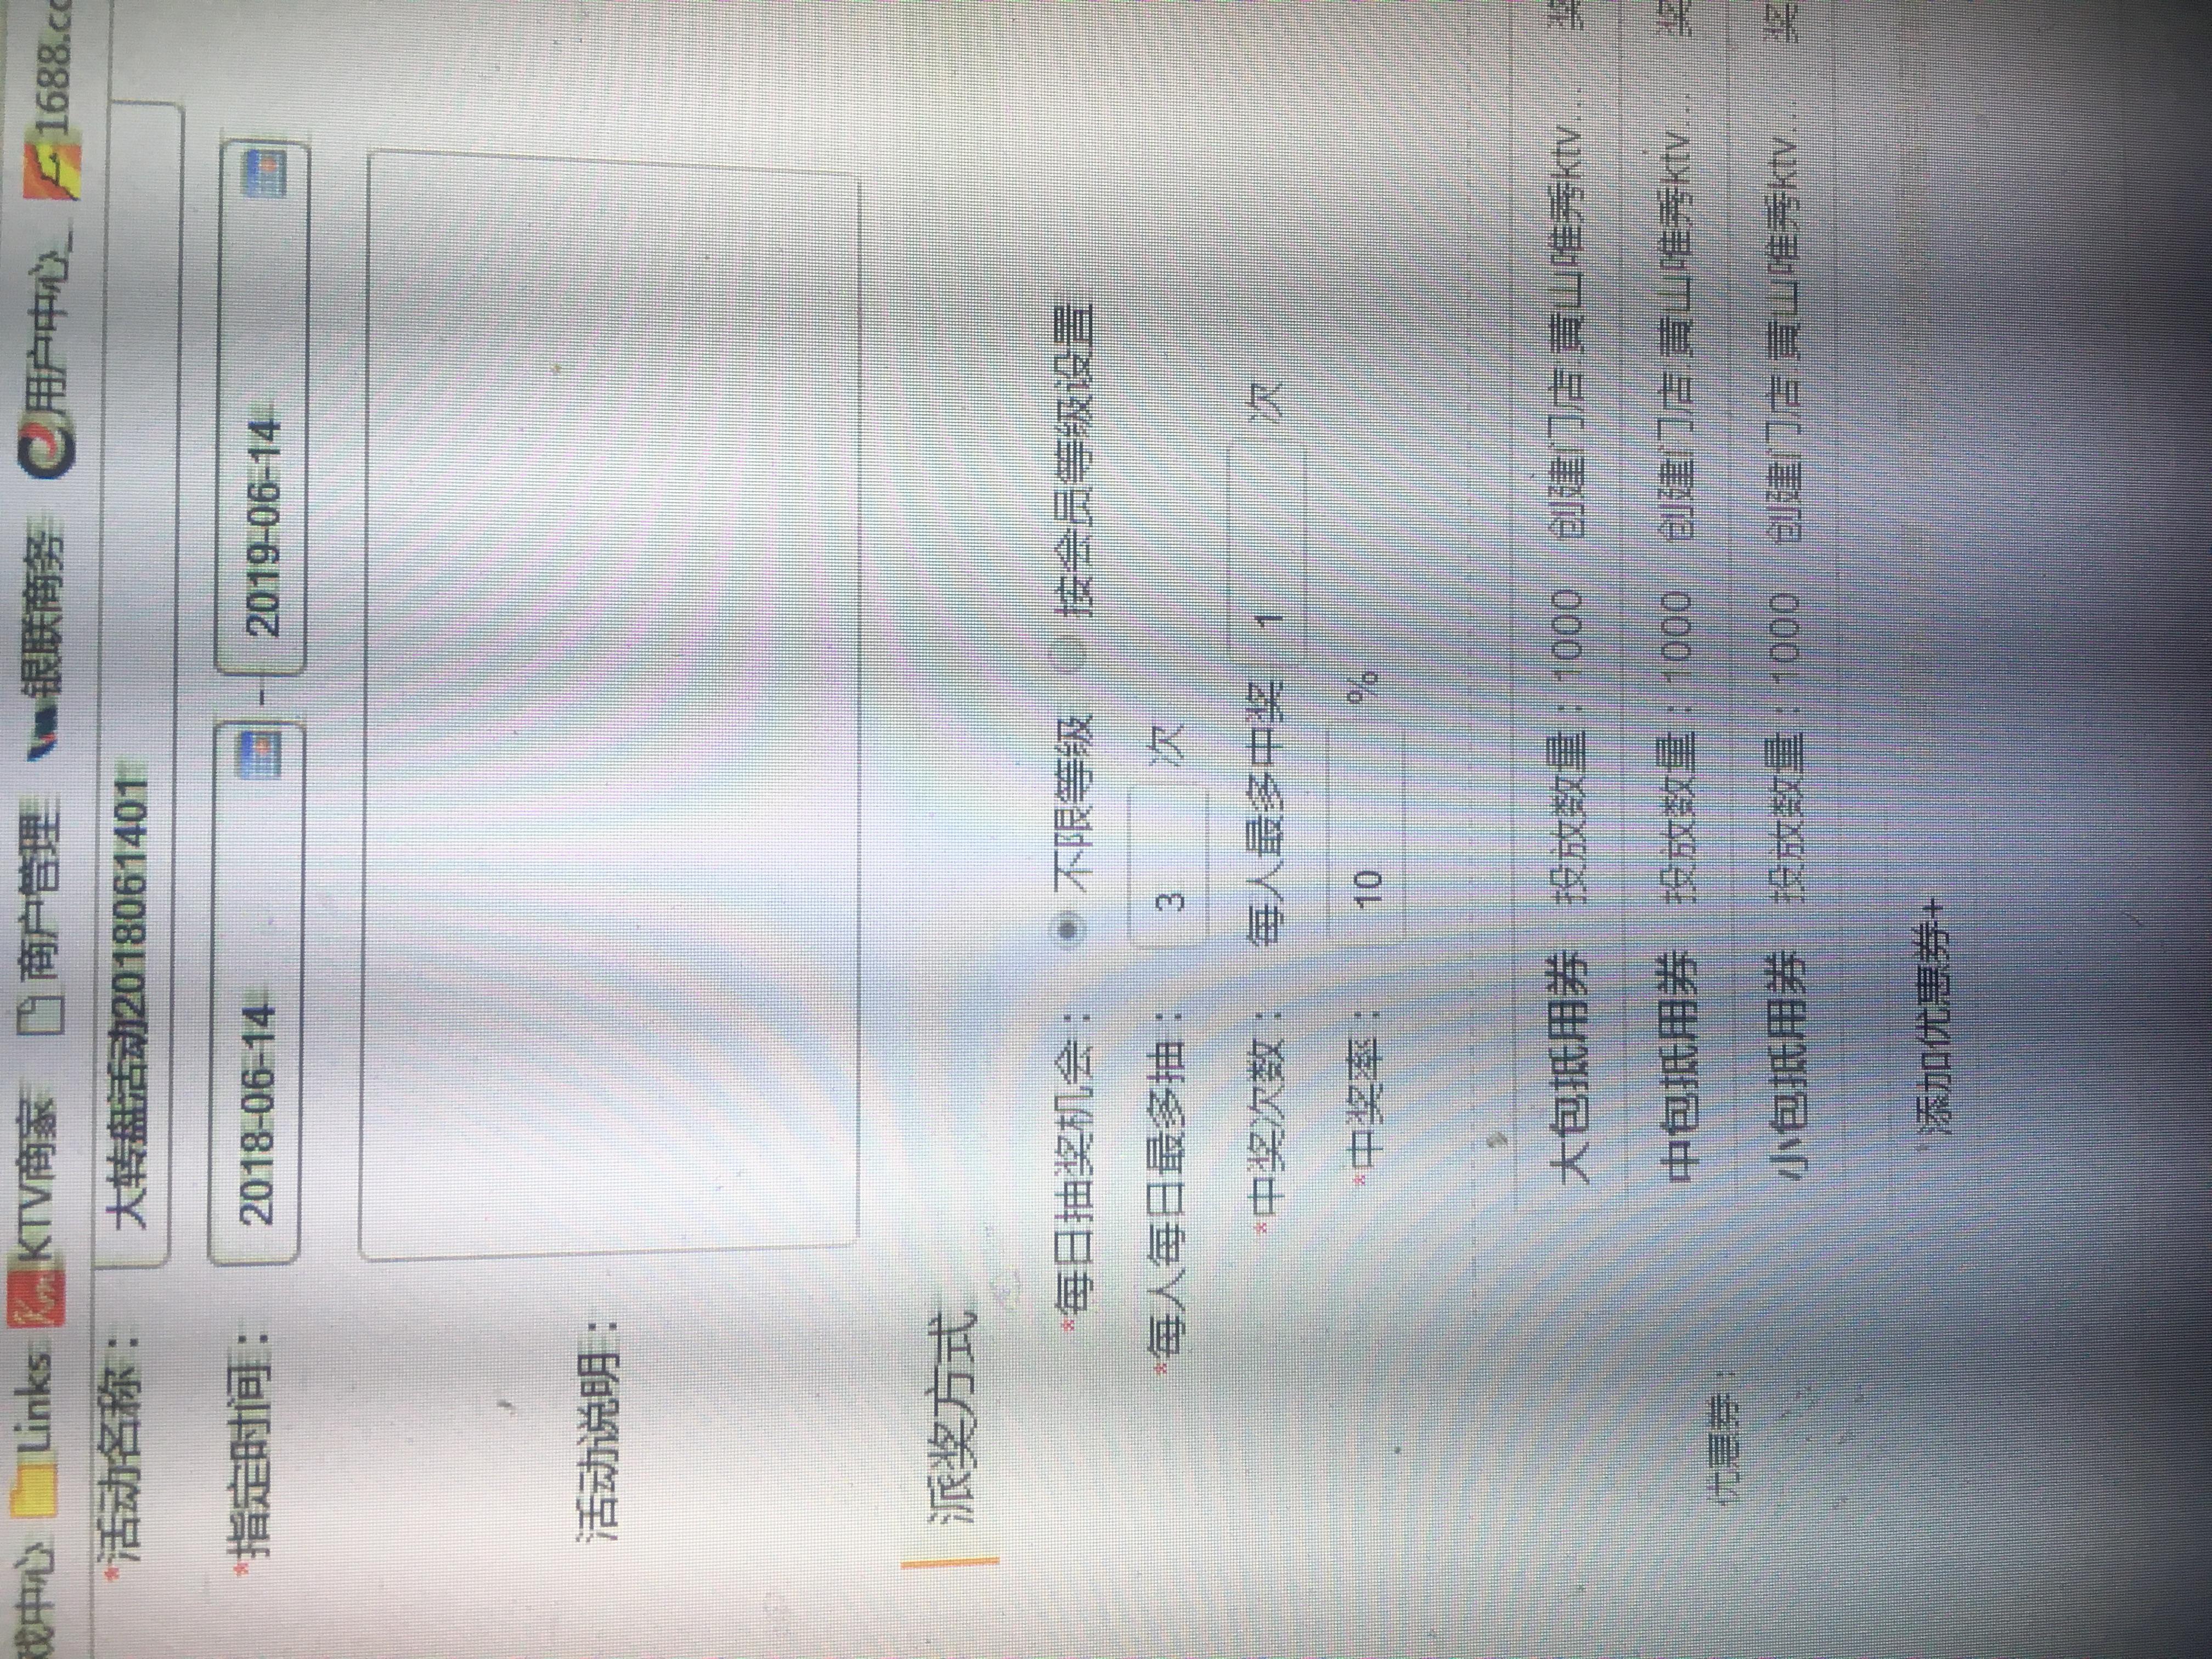 89A30C7E-D84F-4D55-9B66-0107AD223BFA.jpeg